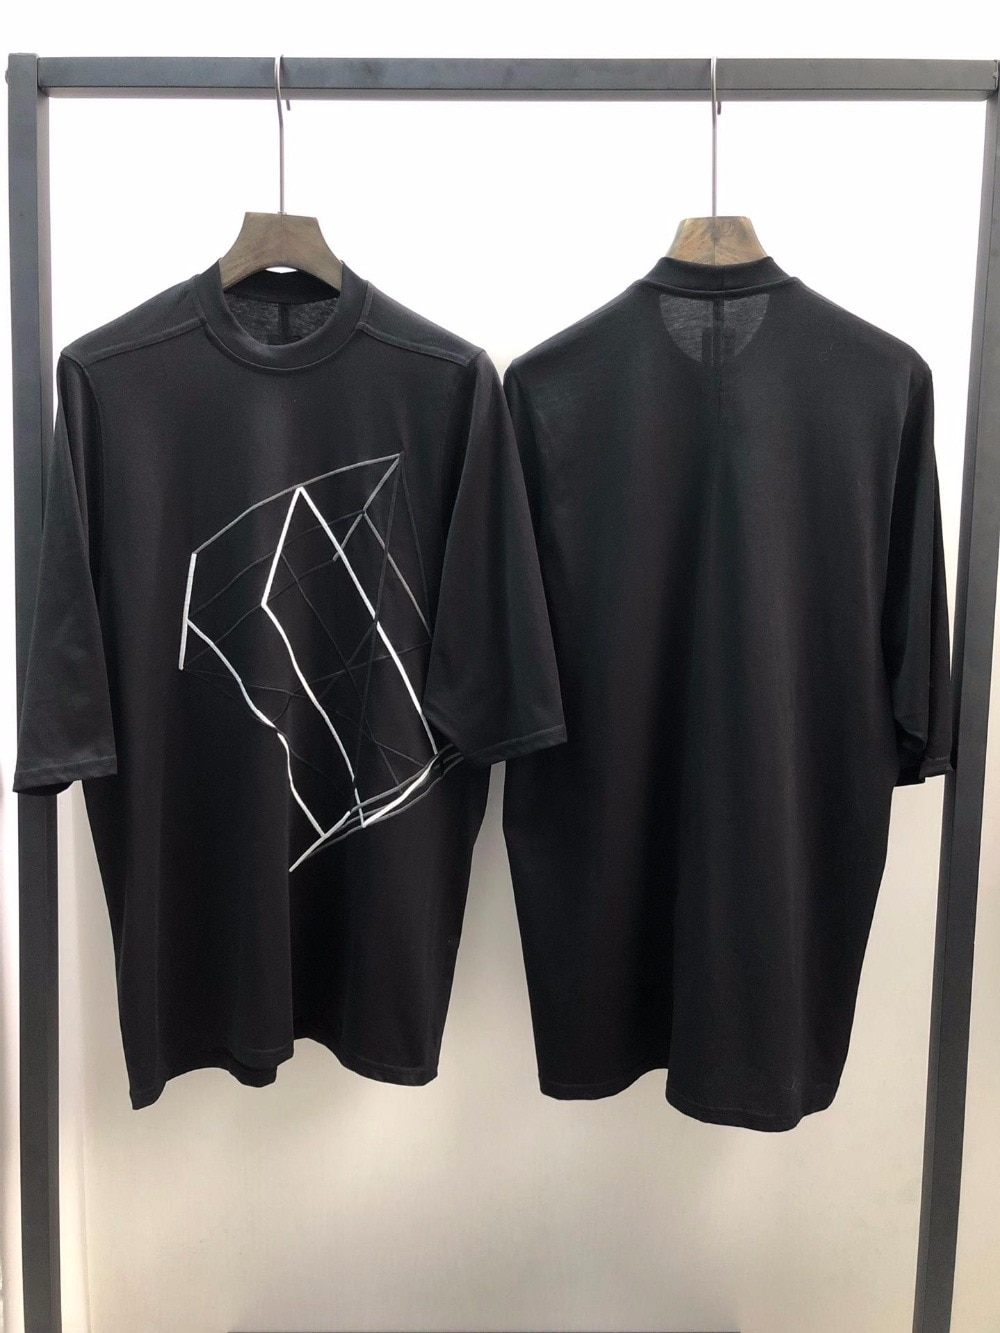 19ss Owen seak, camiseta para hombre, 100% de algodón, estilo gótico, ropa para hombre, camisetas de gran tamaño, camisetas de verano para mujer, camiseta negra